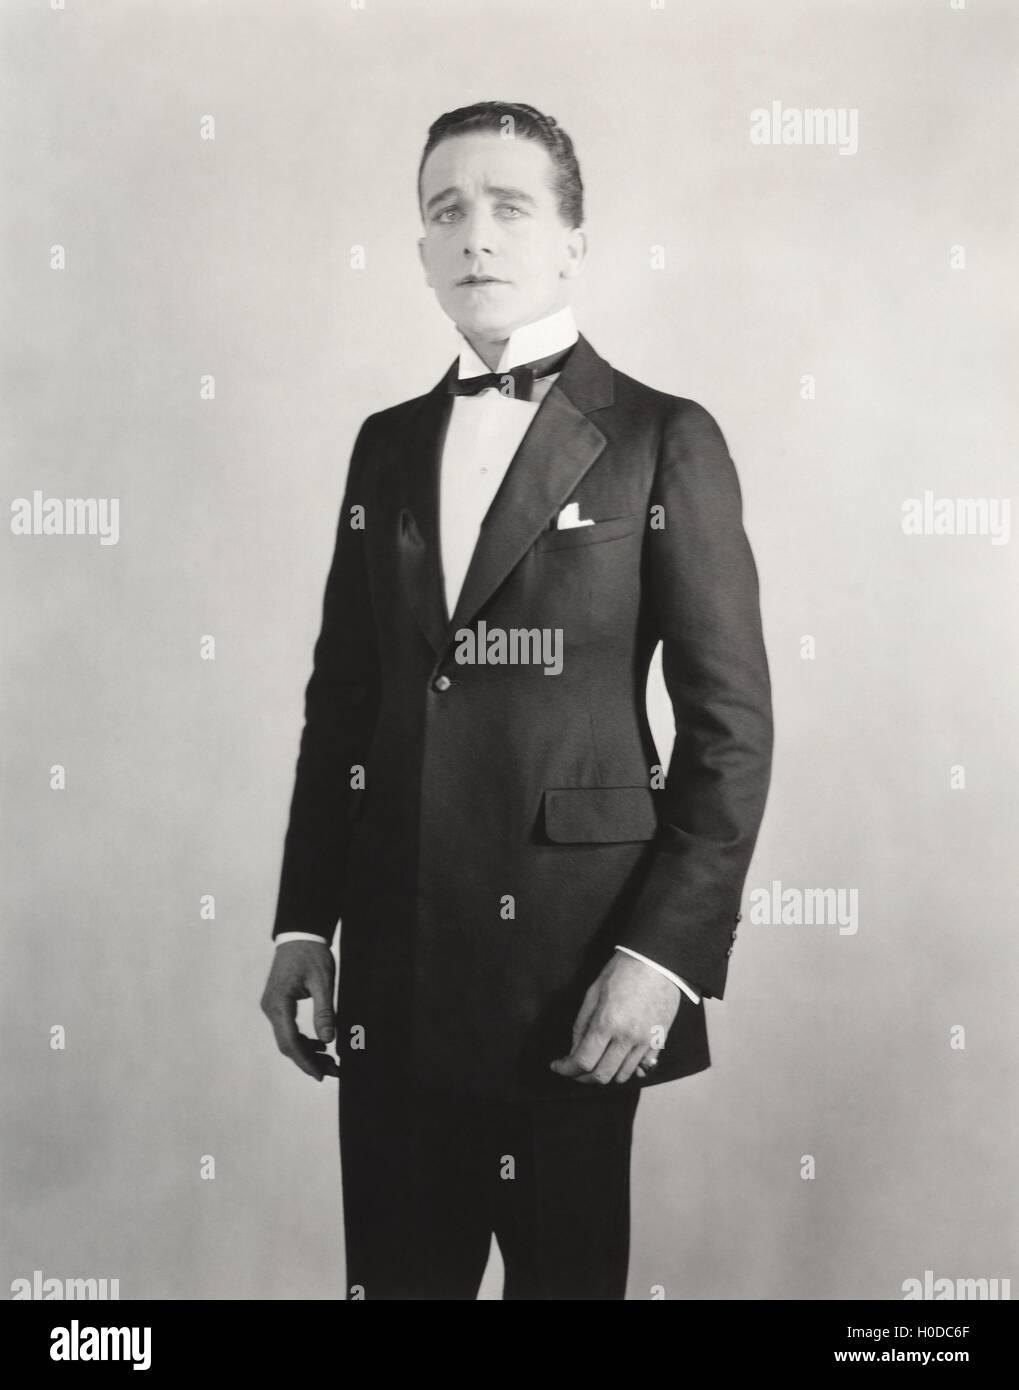 Uomo in formale collare bianco e smoking Immagini Stock